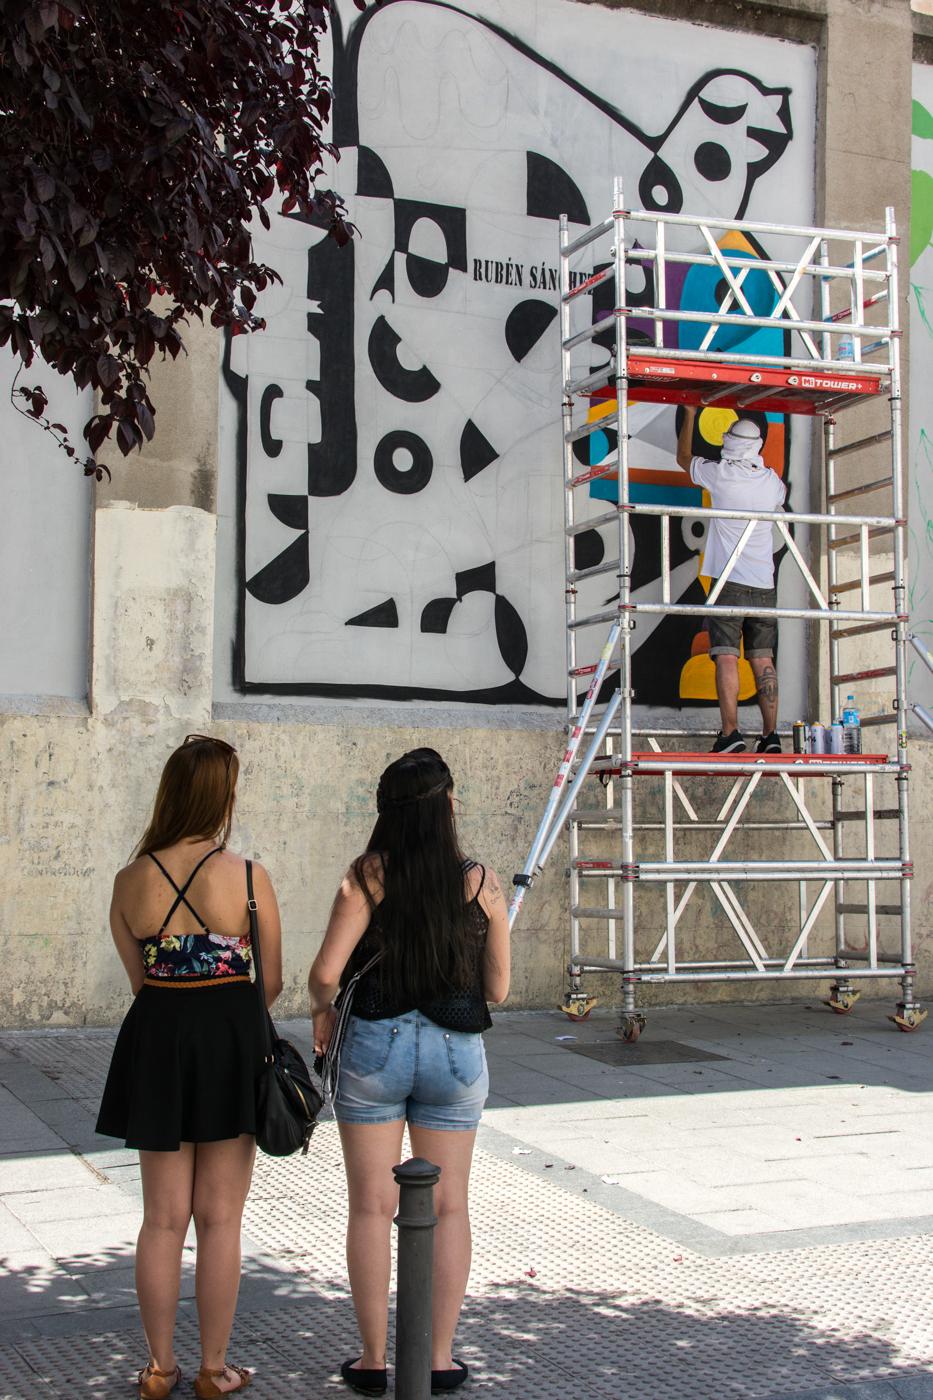 Rubén Sánchez - MurosTabacalera by Guillermo de la Madrid - Madrid Street Art Project-0891.jpg